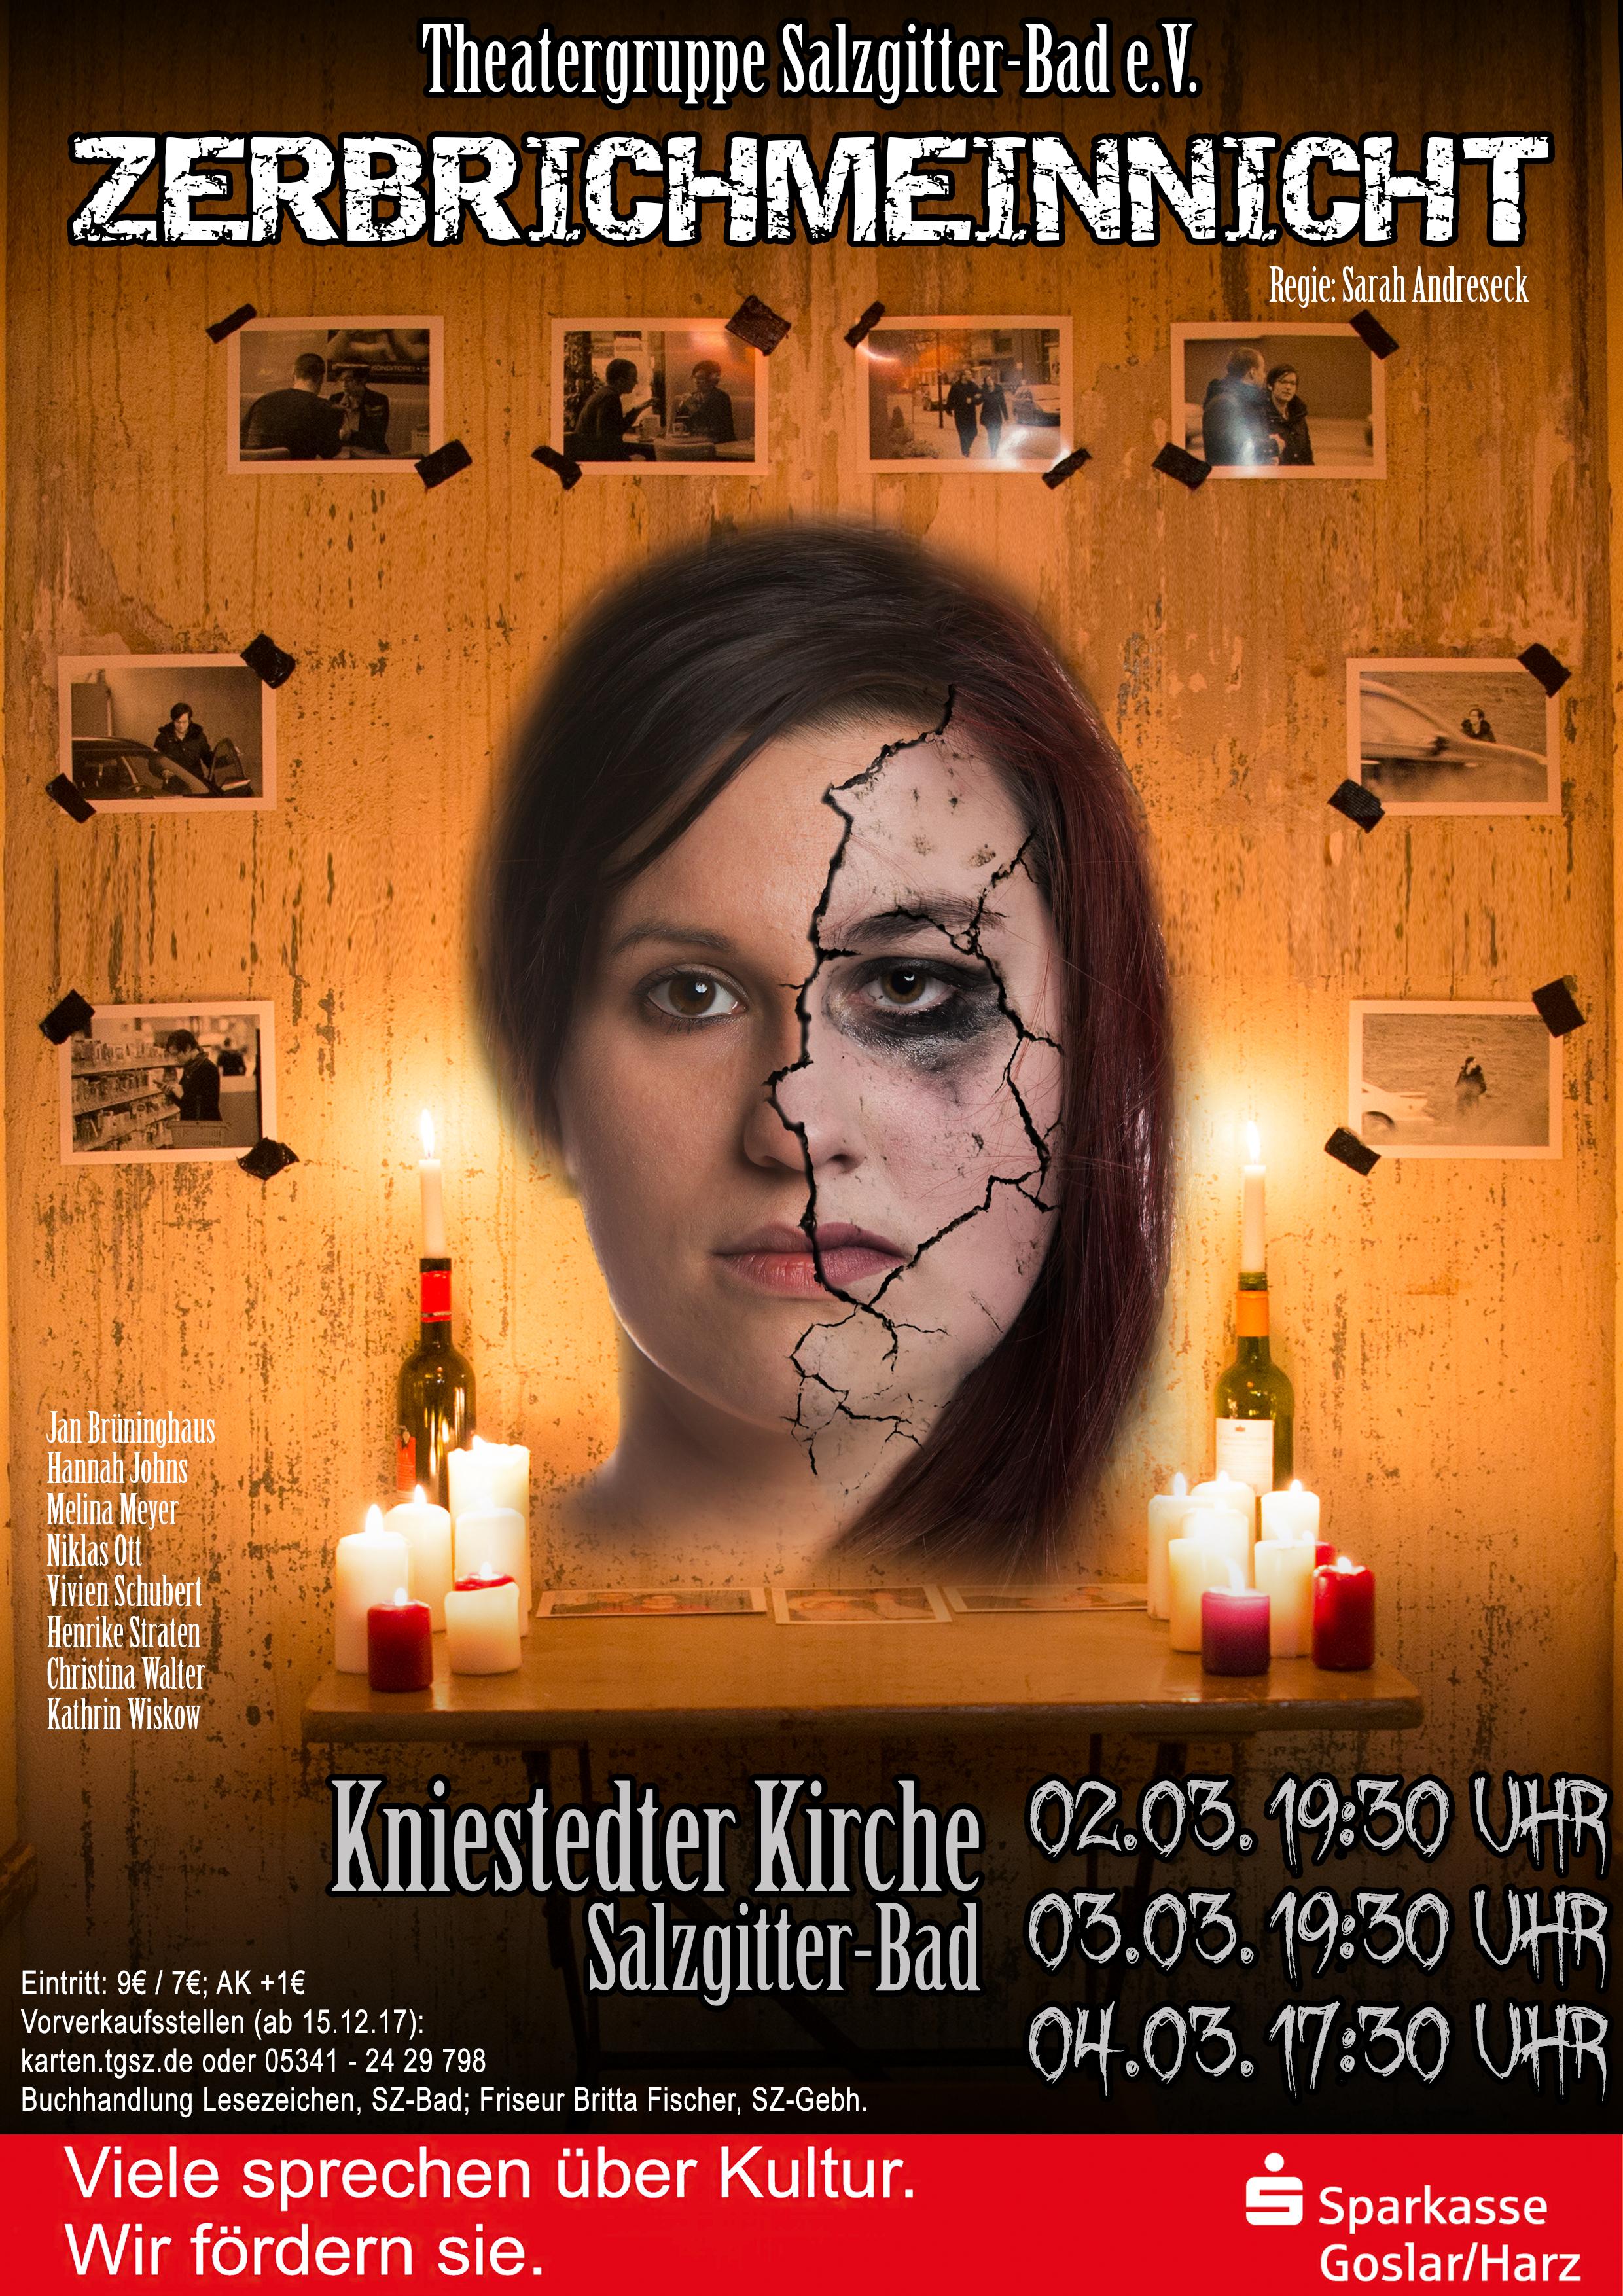 ZERBRICHMEINNICHT_Plakat_V1